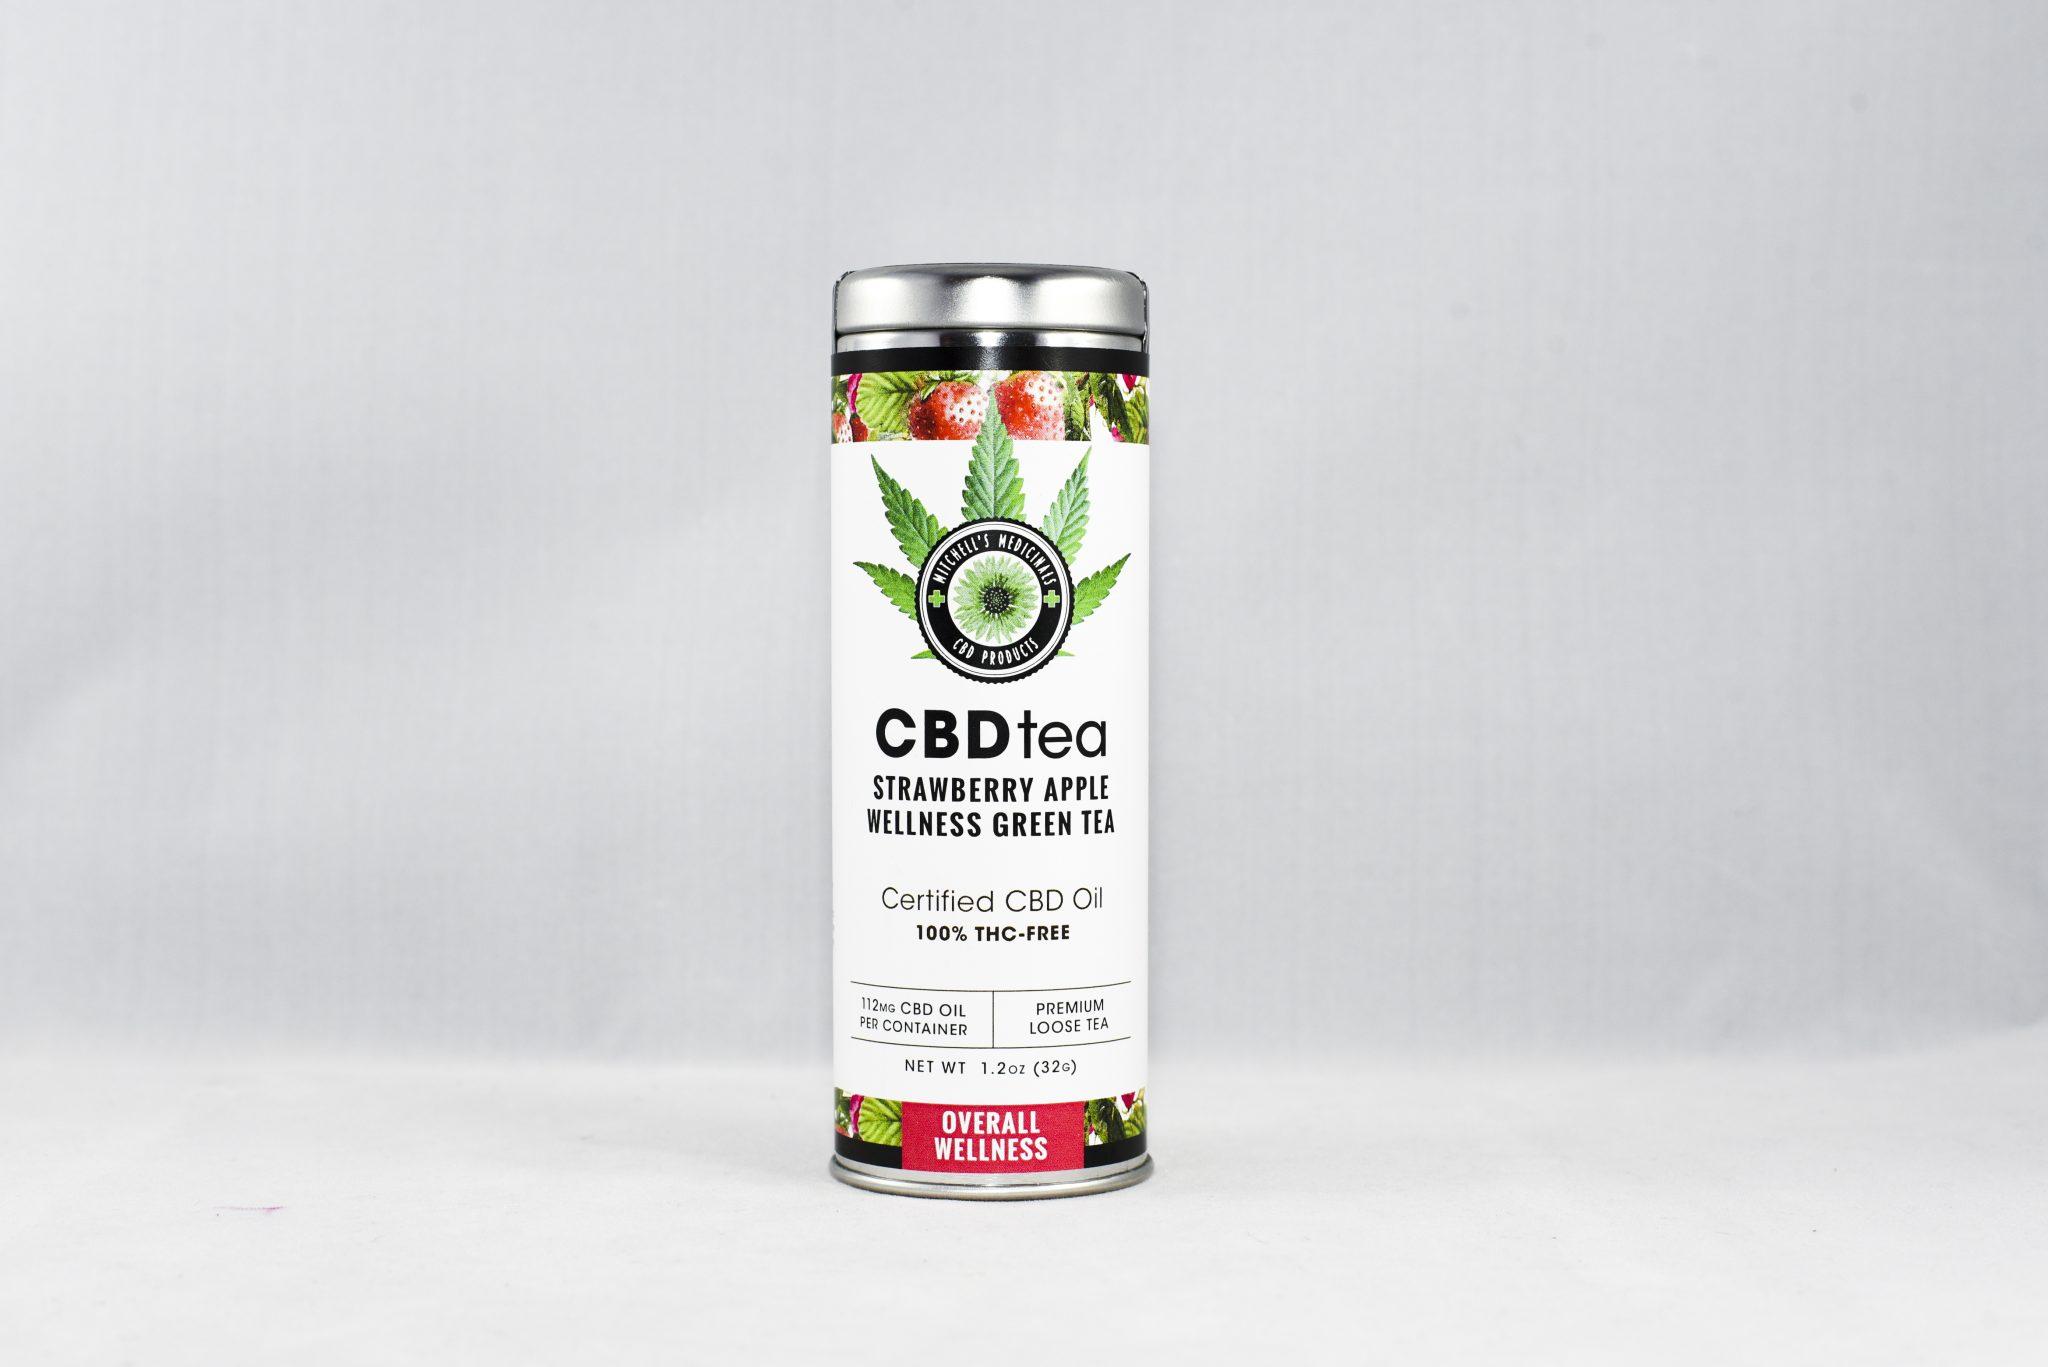 Overall Wellness Hemp CBD Tea - 112mg